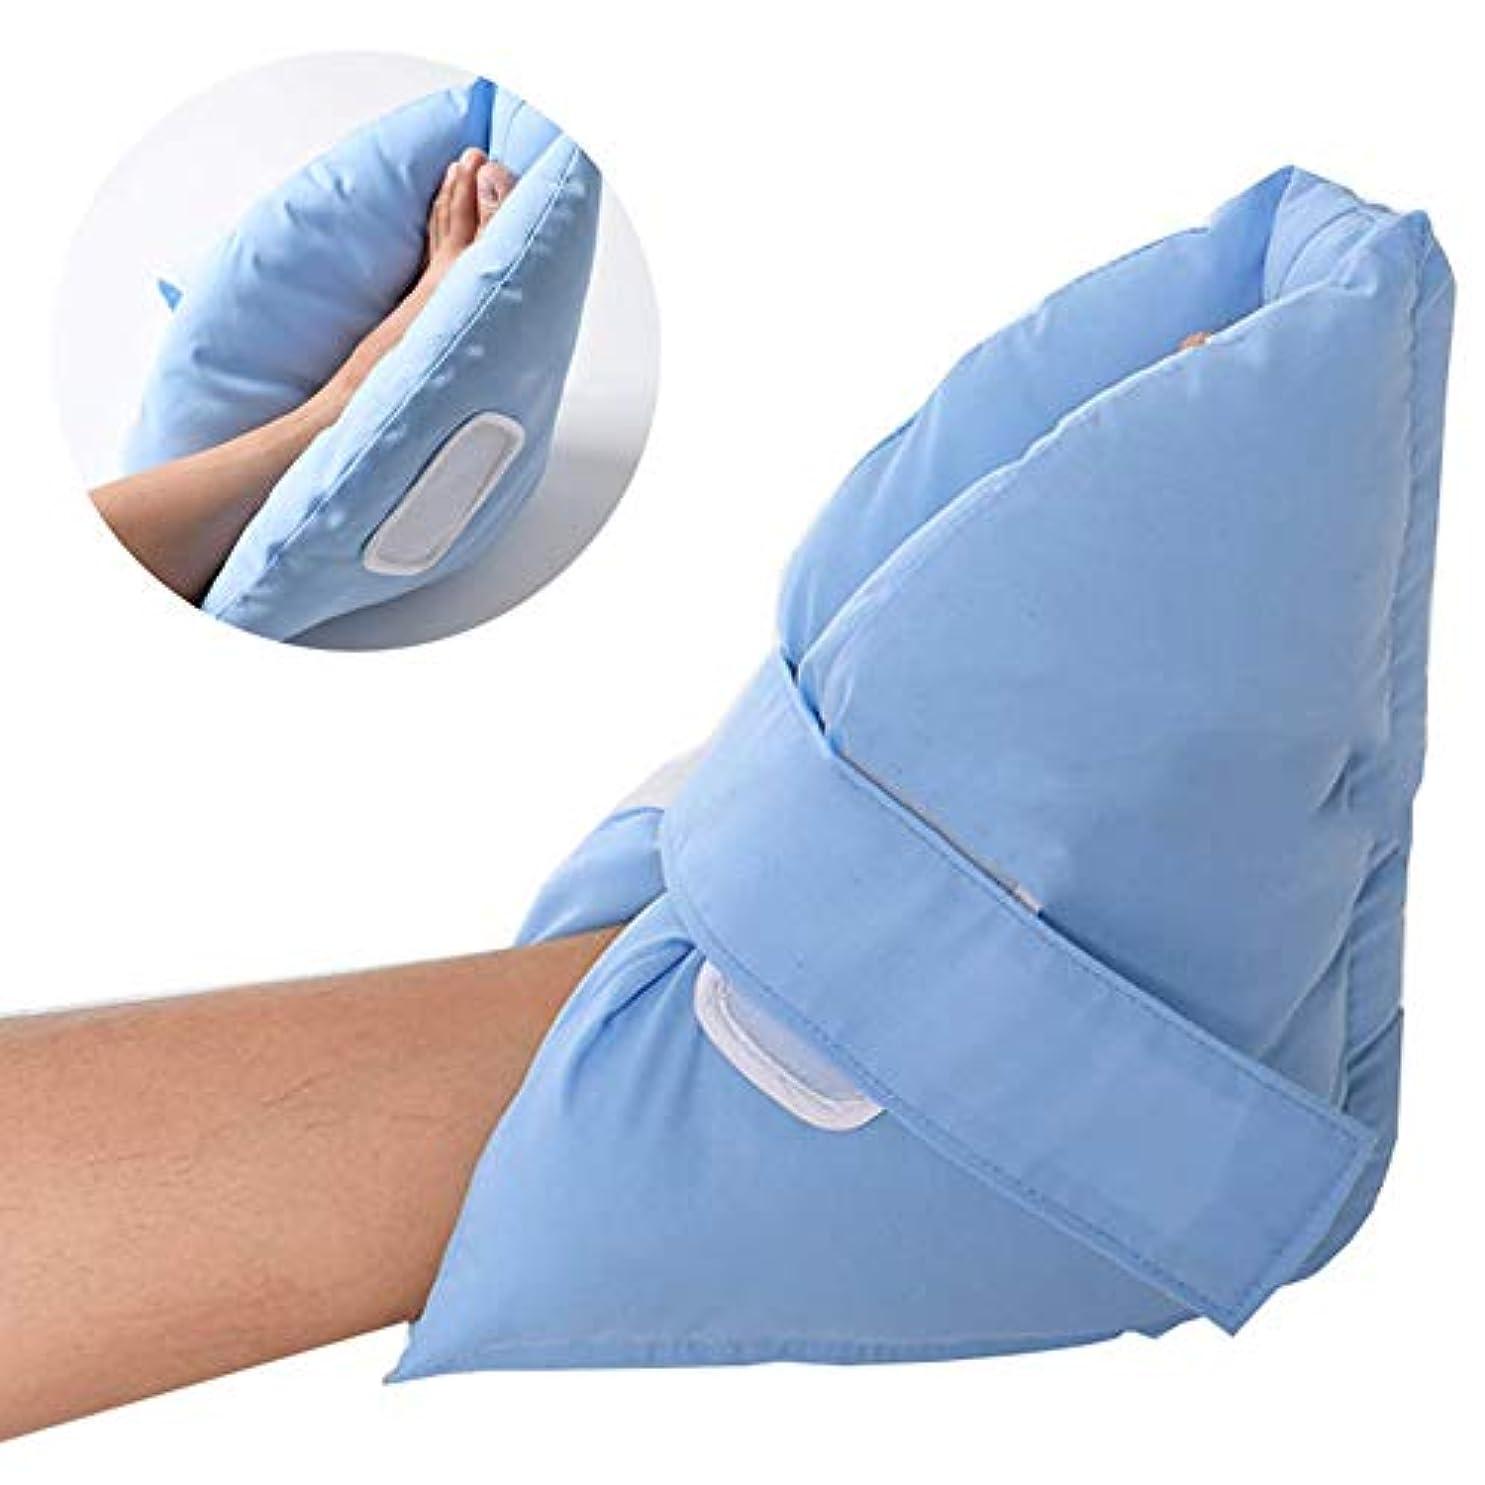 飛躍ベーカリースナッチ足枕かかとクッションプロテクター 高弾性スポンジ充填潰瘍防止足のかかとの圧力を緩和1ペア